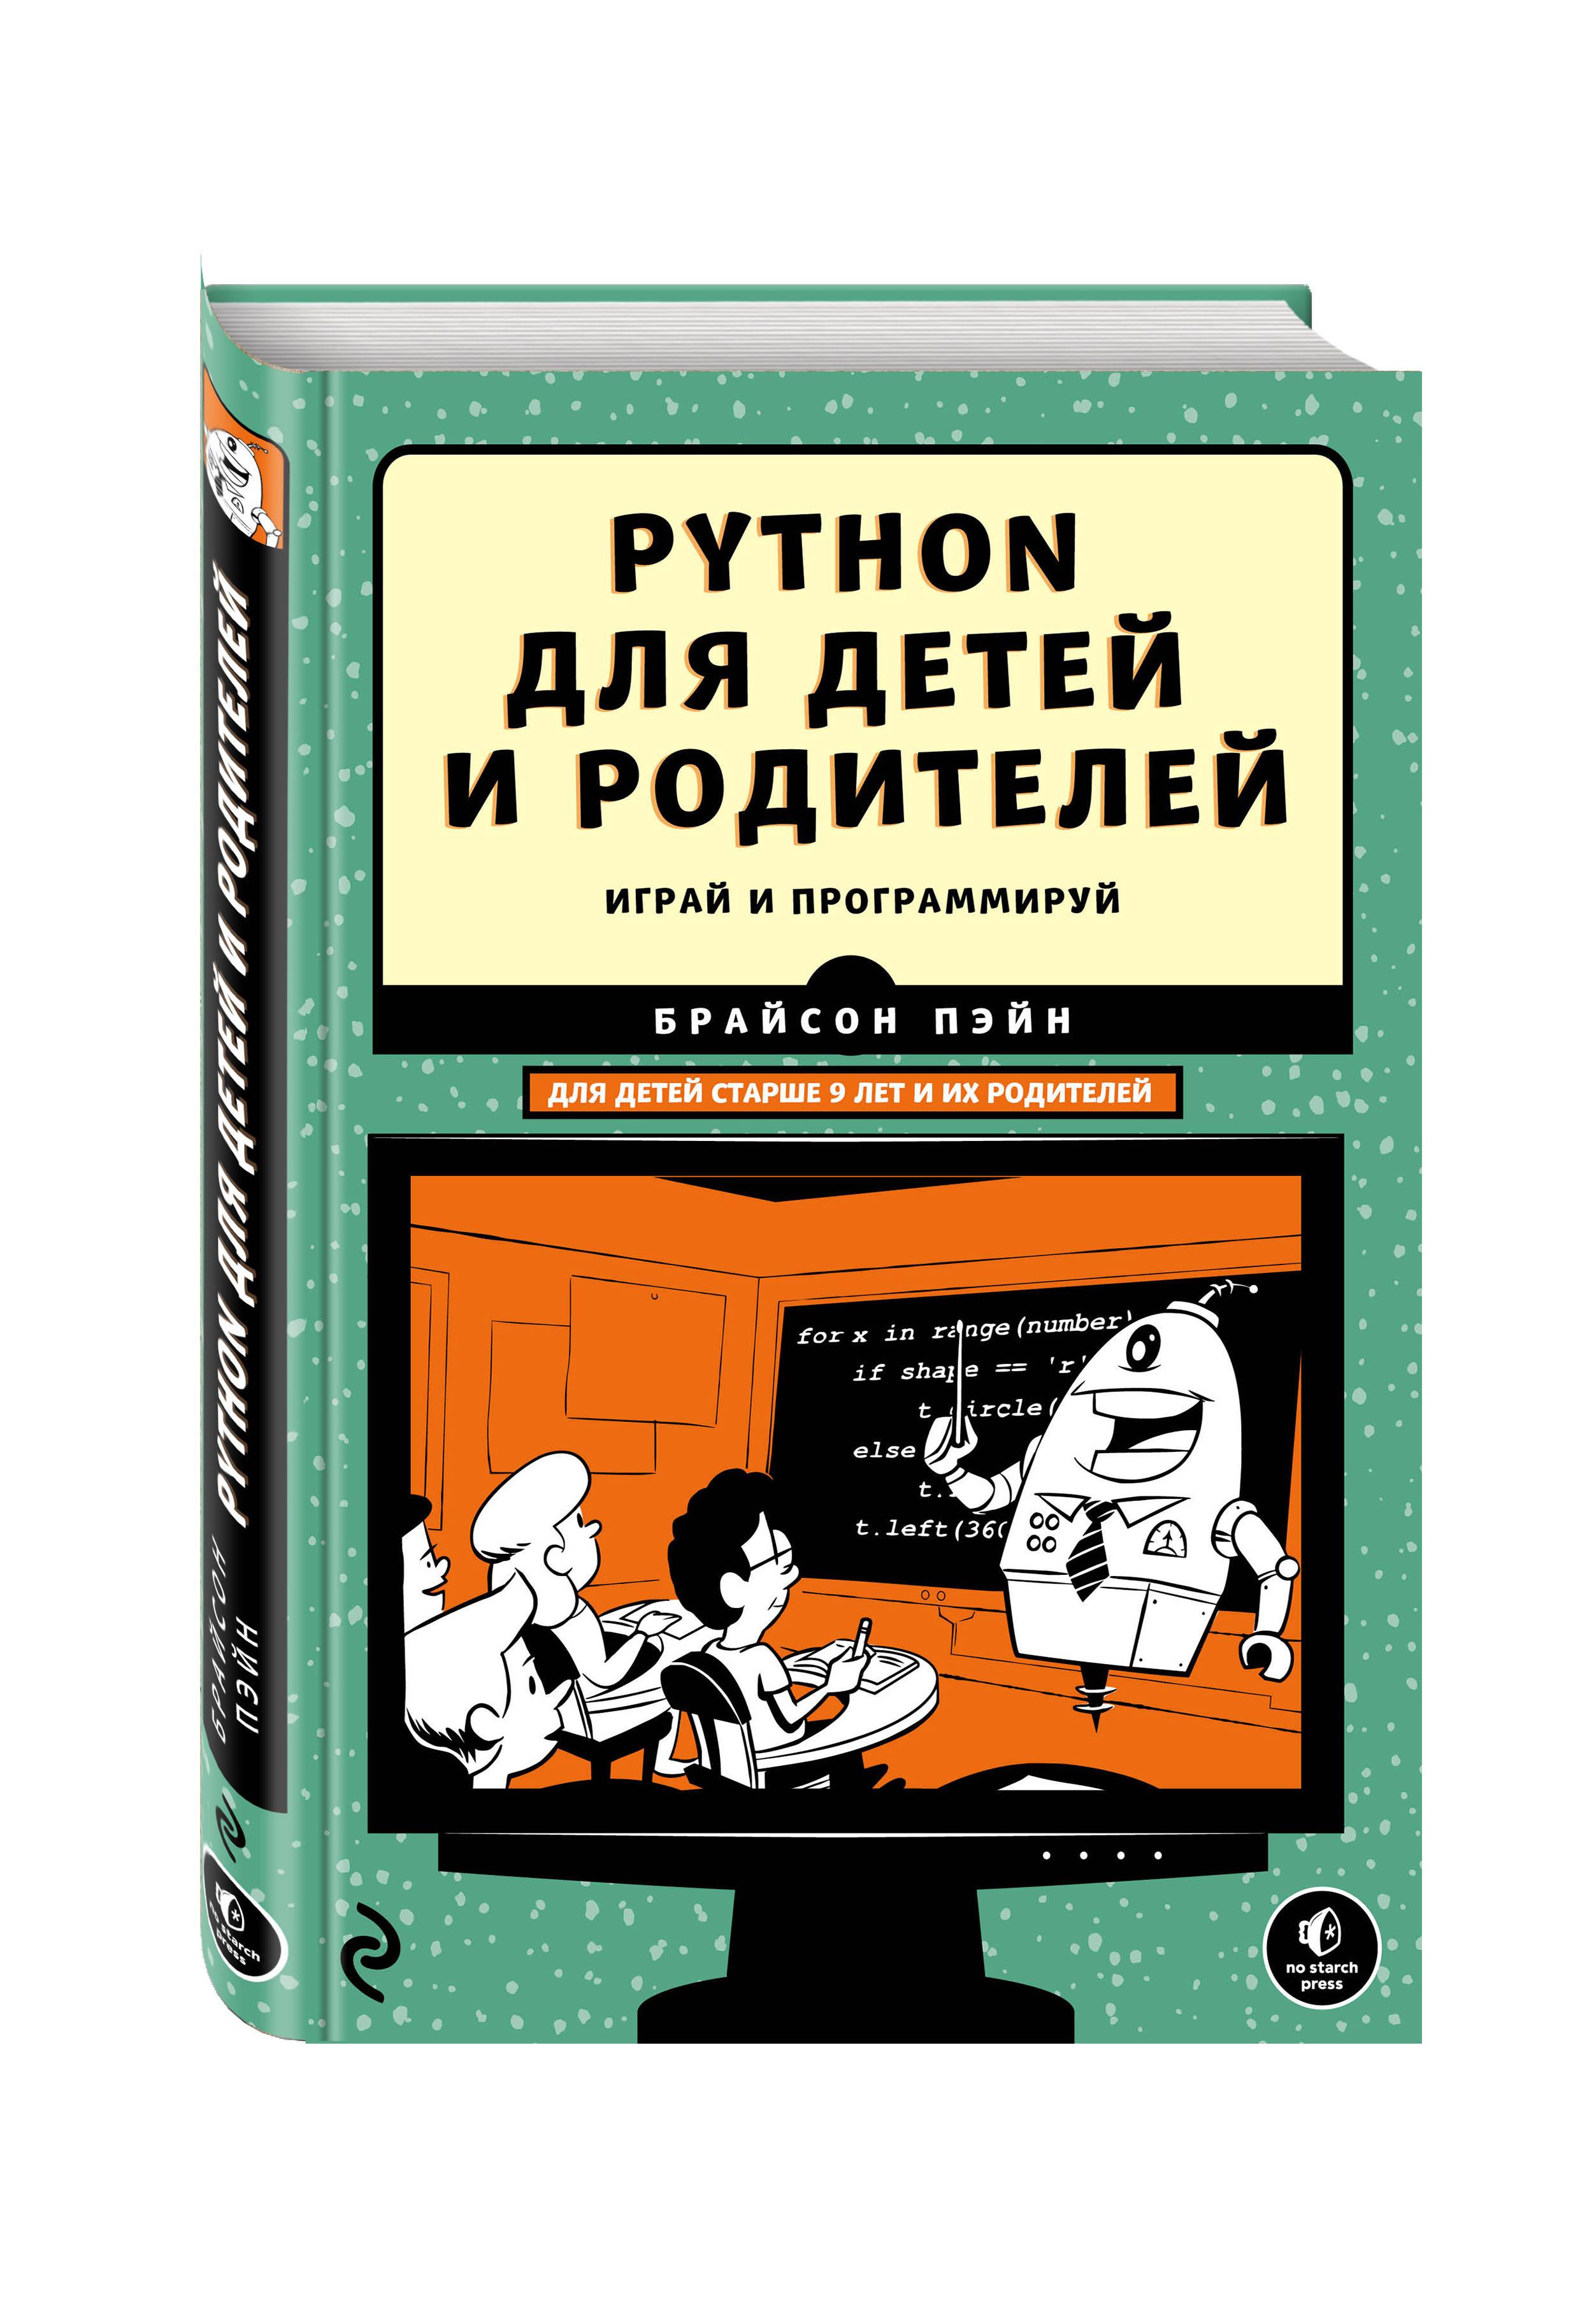 Python для детей и родителей от book24.ru